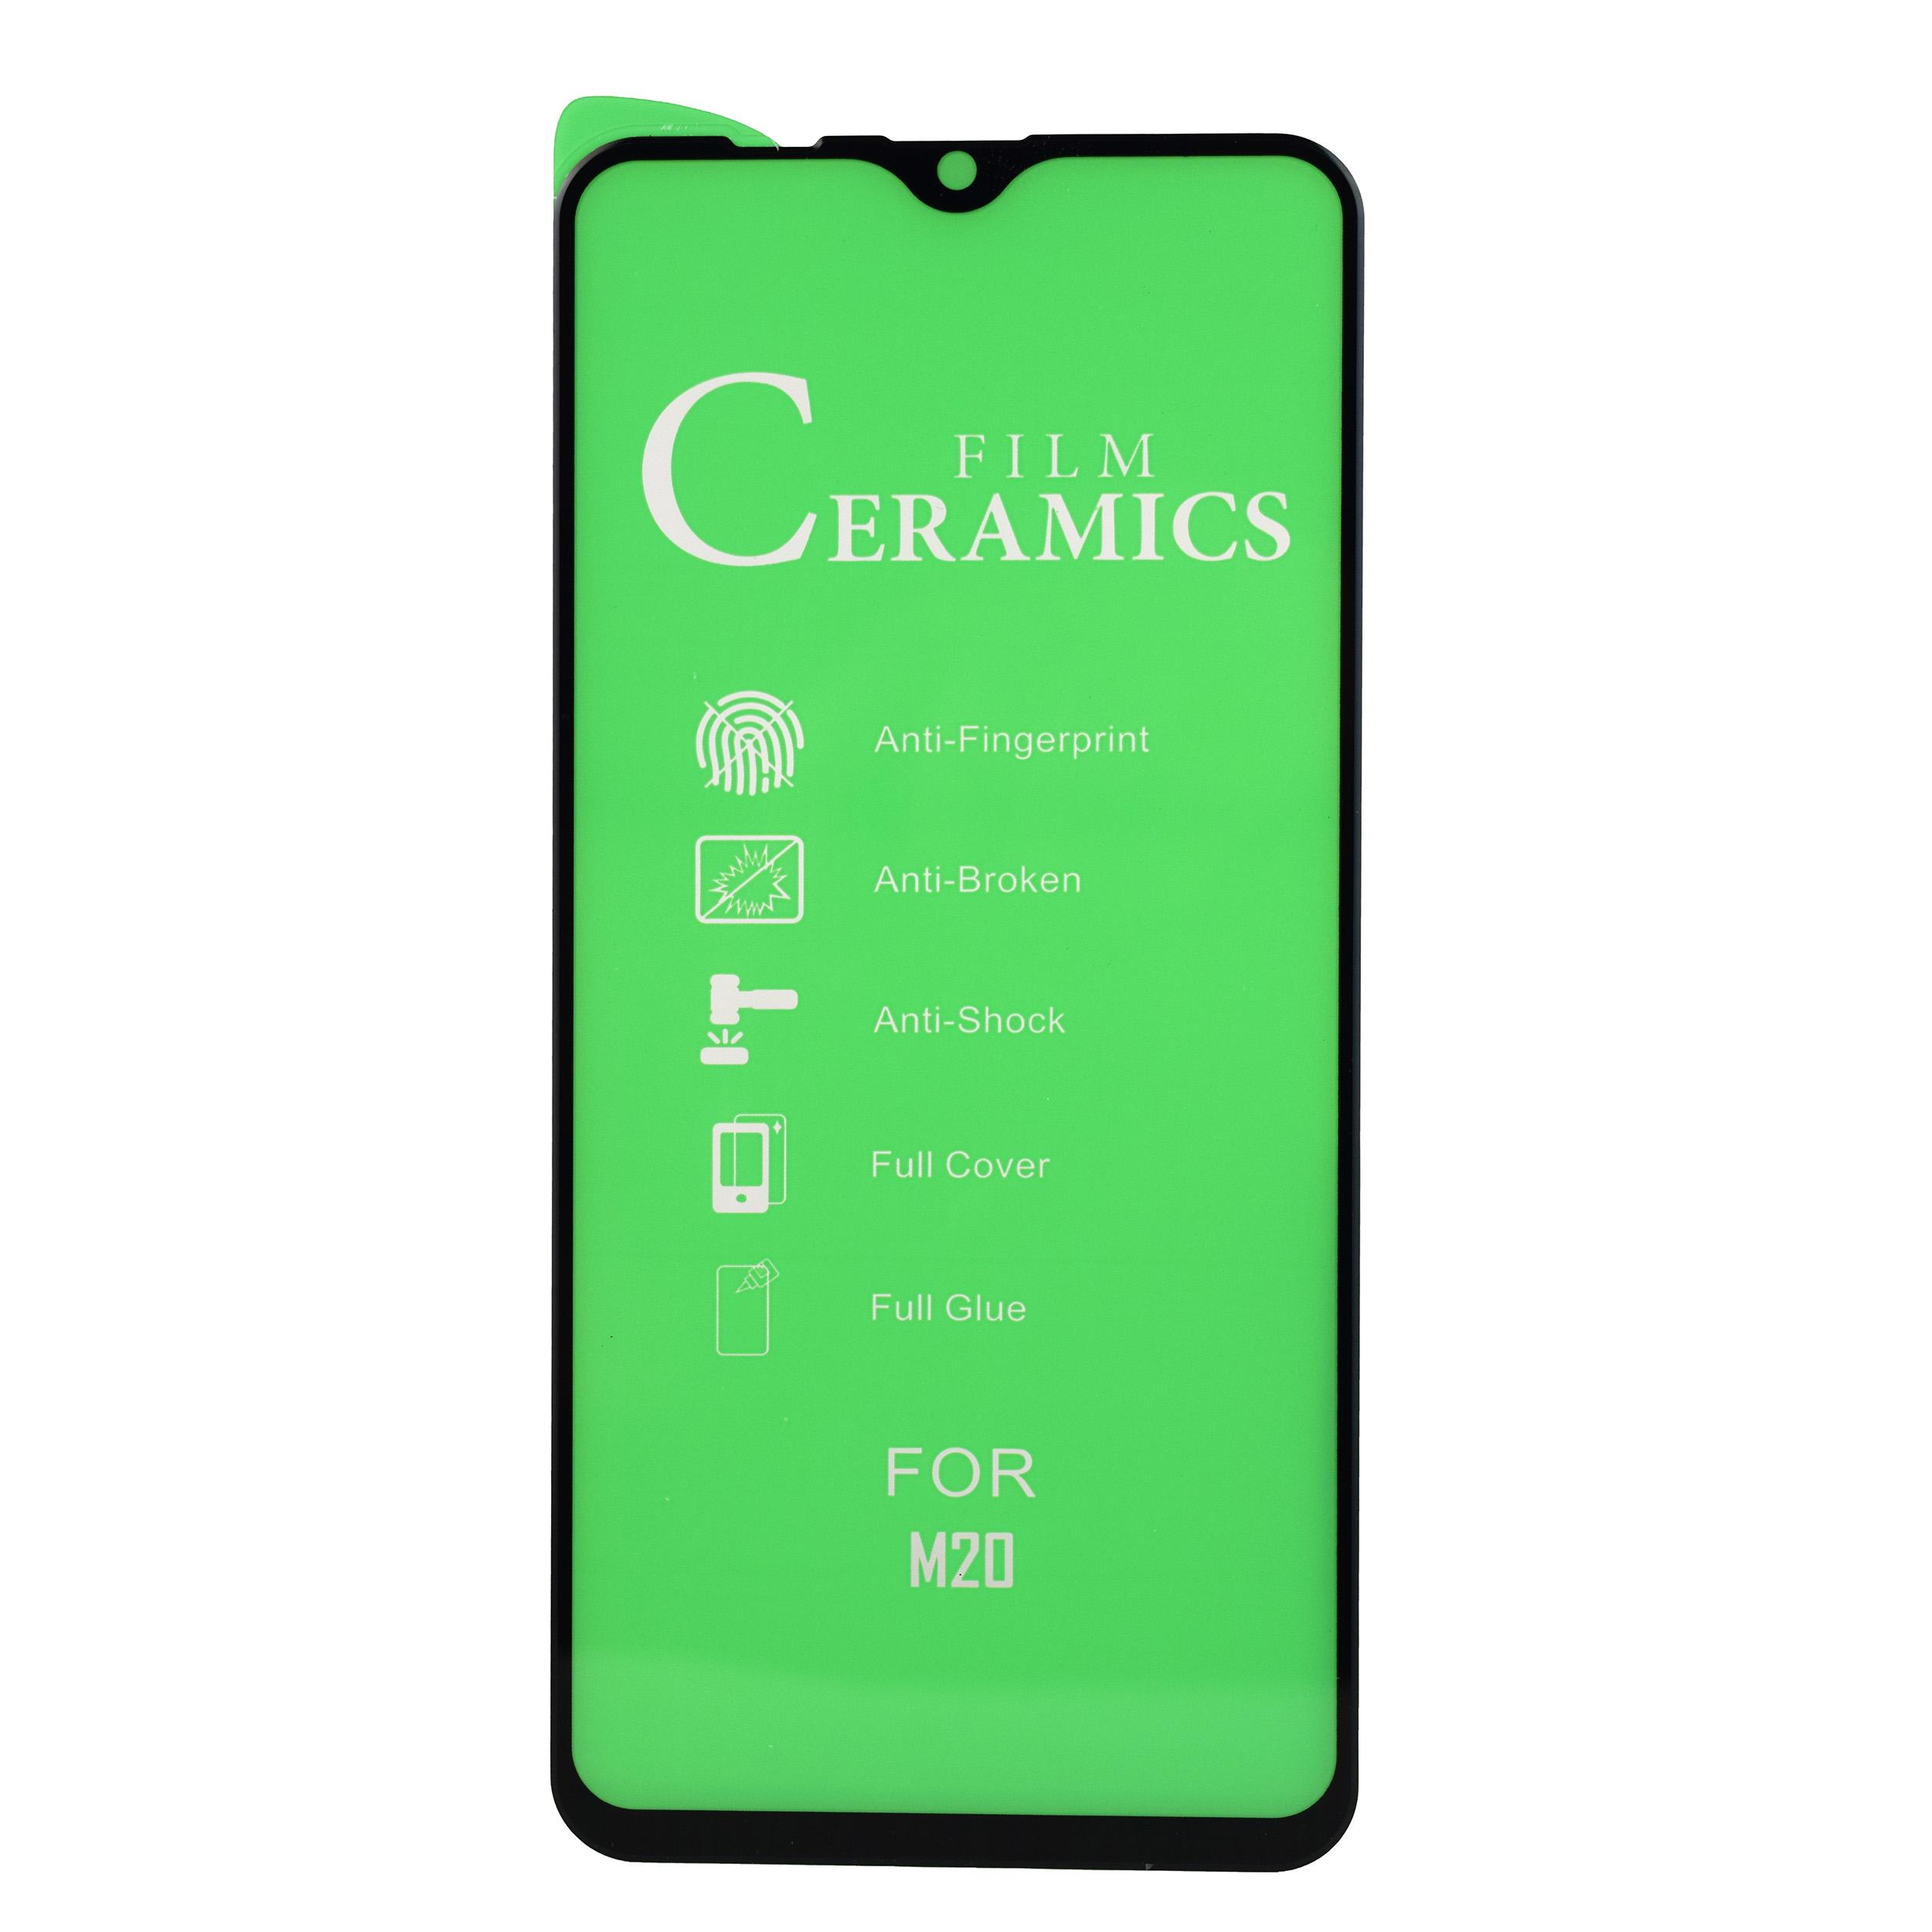 محافظ صفحه نمایش مدل CF9 مناسب برای گوشی موبایل سامسونگ Galaxy M20